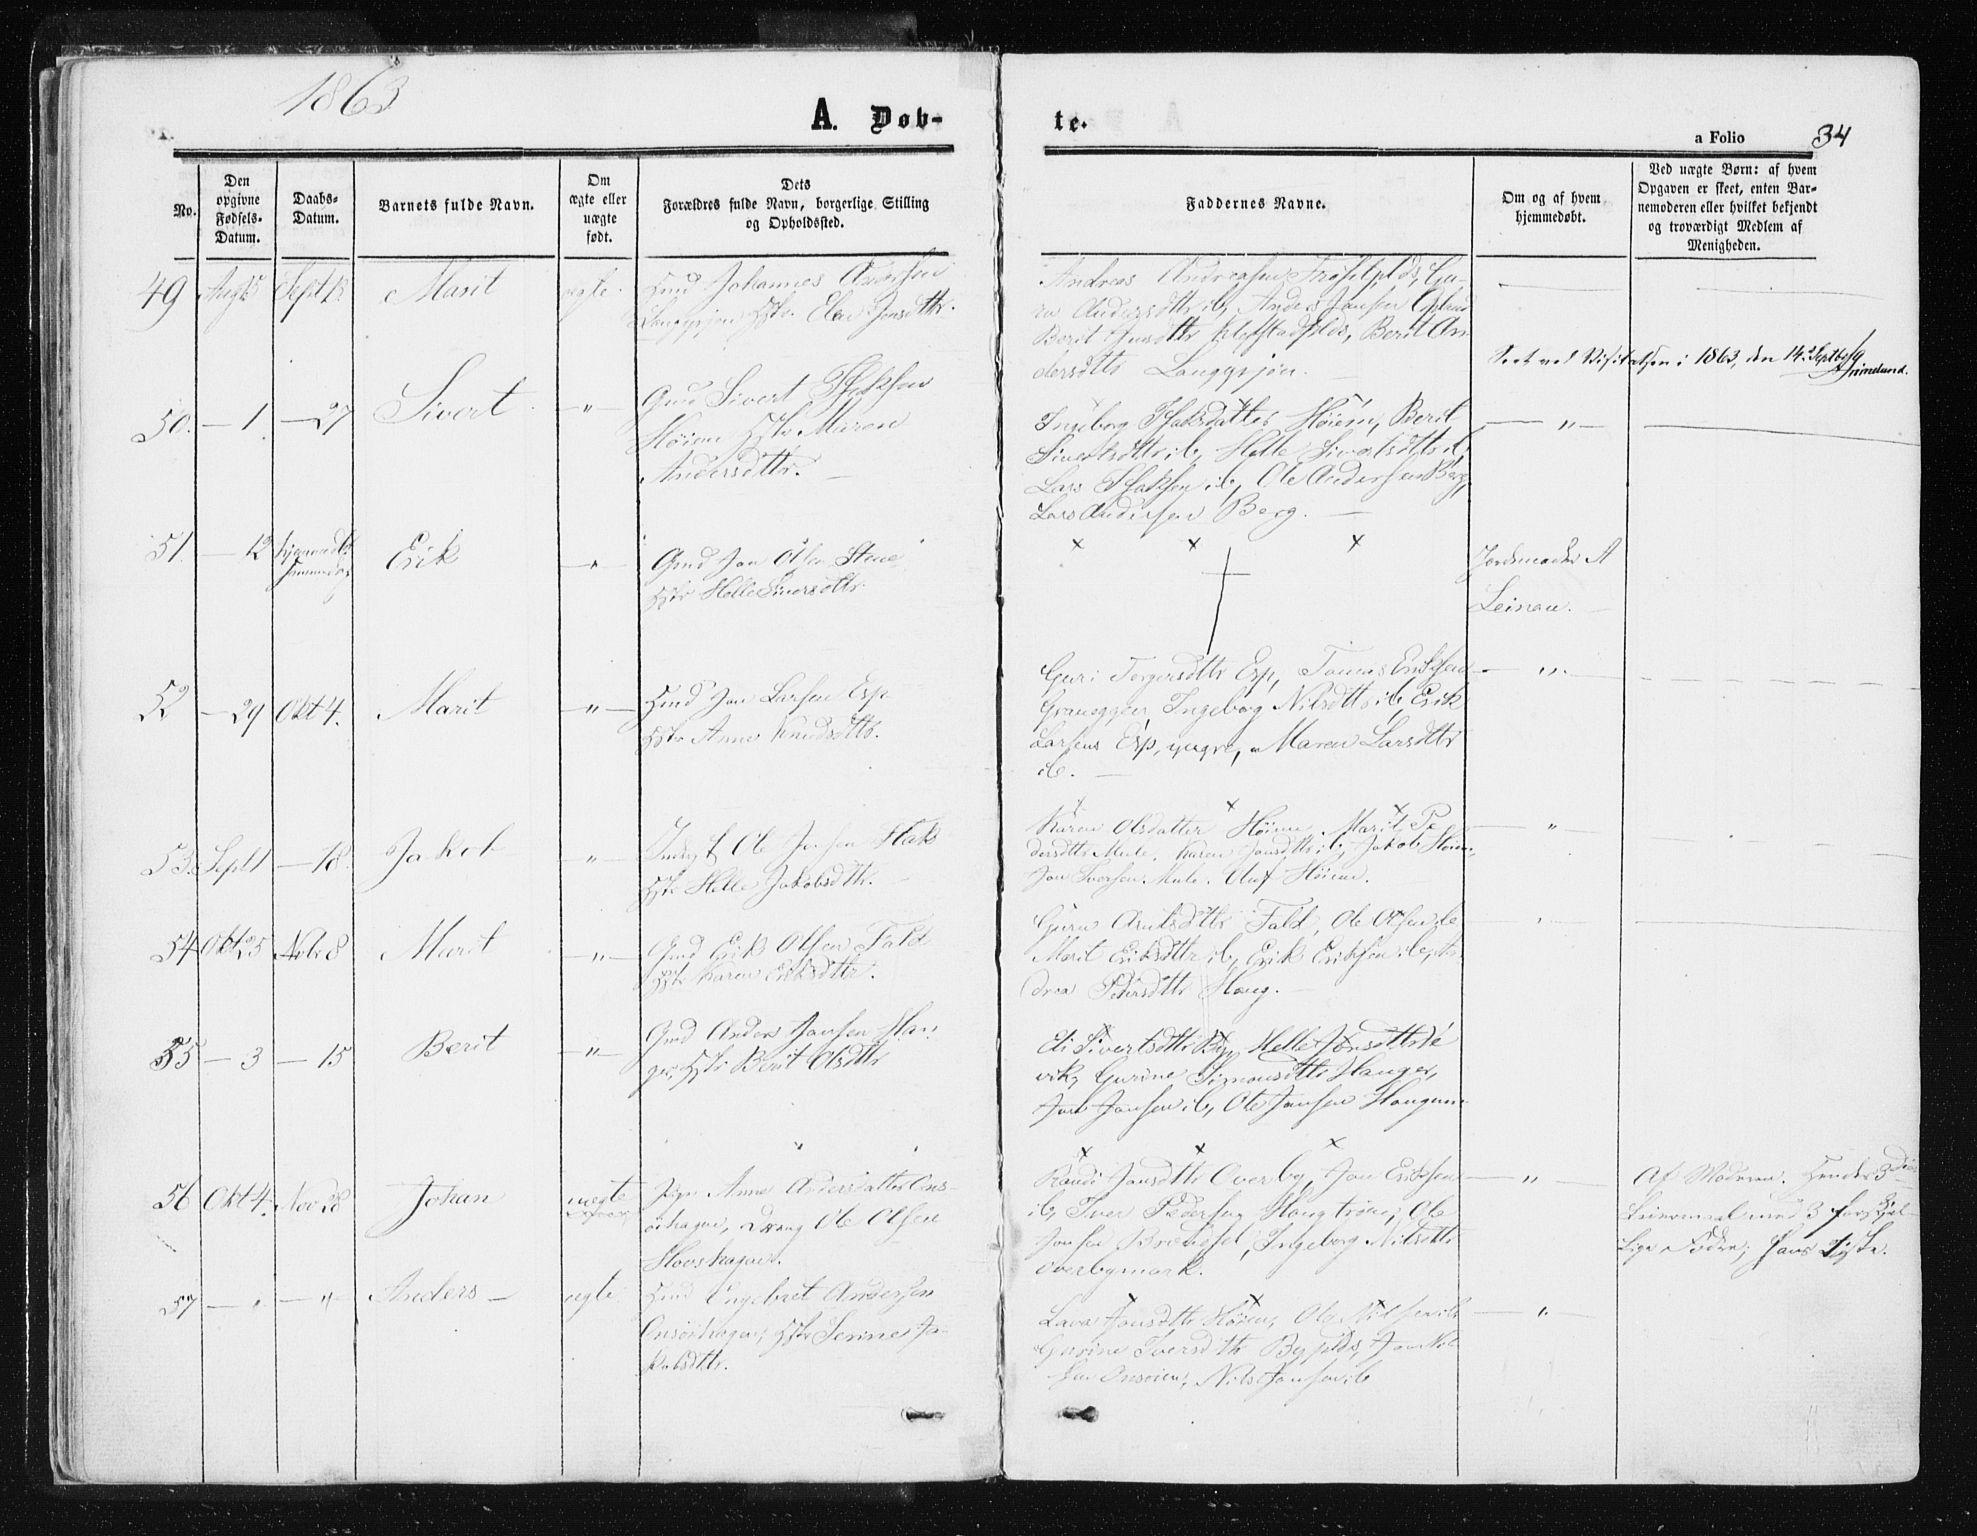 SAT, Ministerialprotokoller, klokkerbøker og fødselsregistre - Sør-Trøndelag, 612/L0377: Ministerialbok nr. 612A09, 1859-1877, s. 34